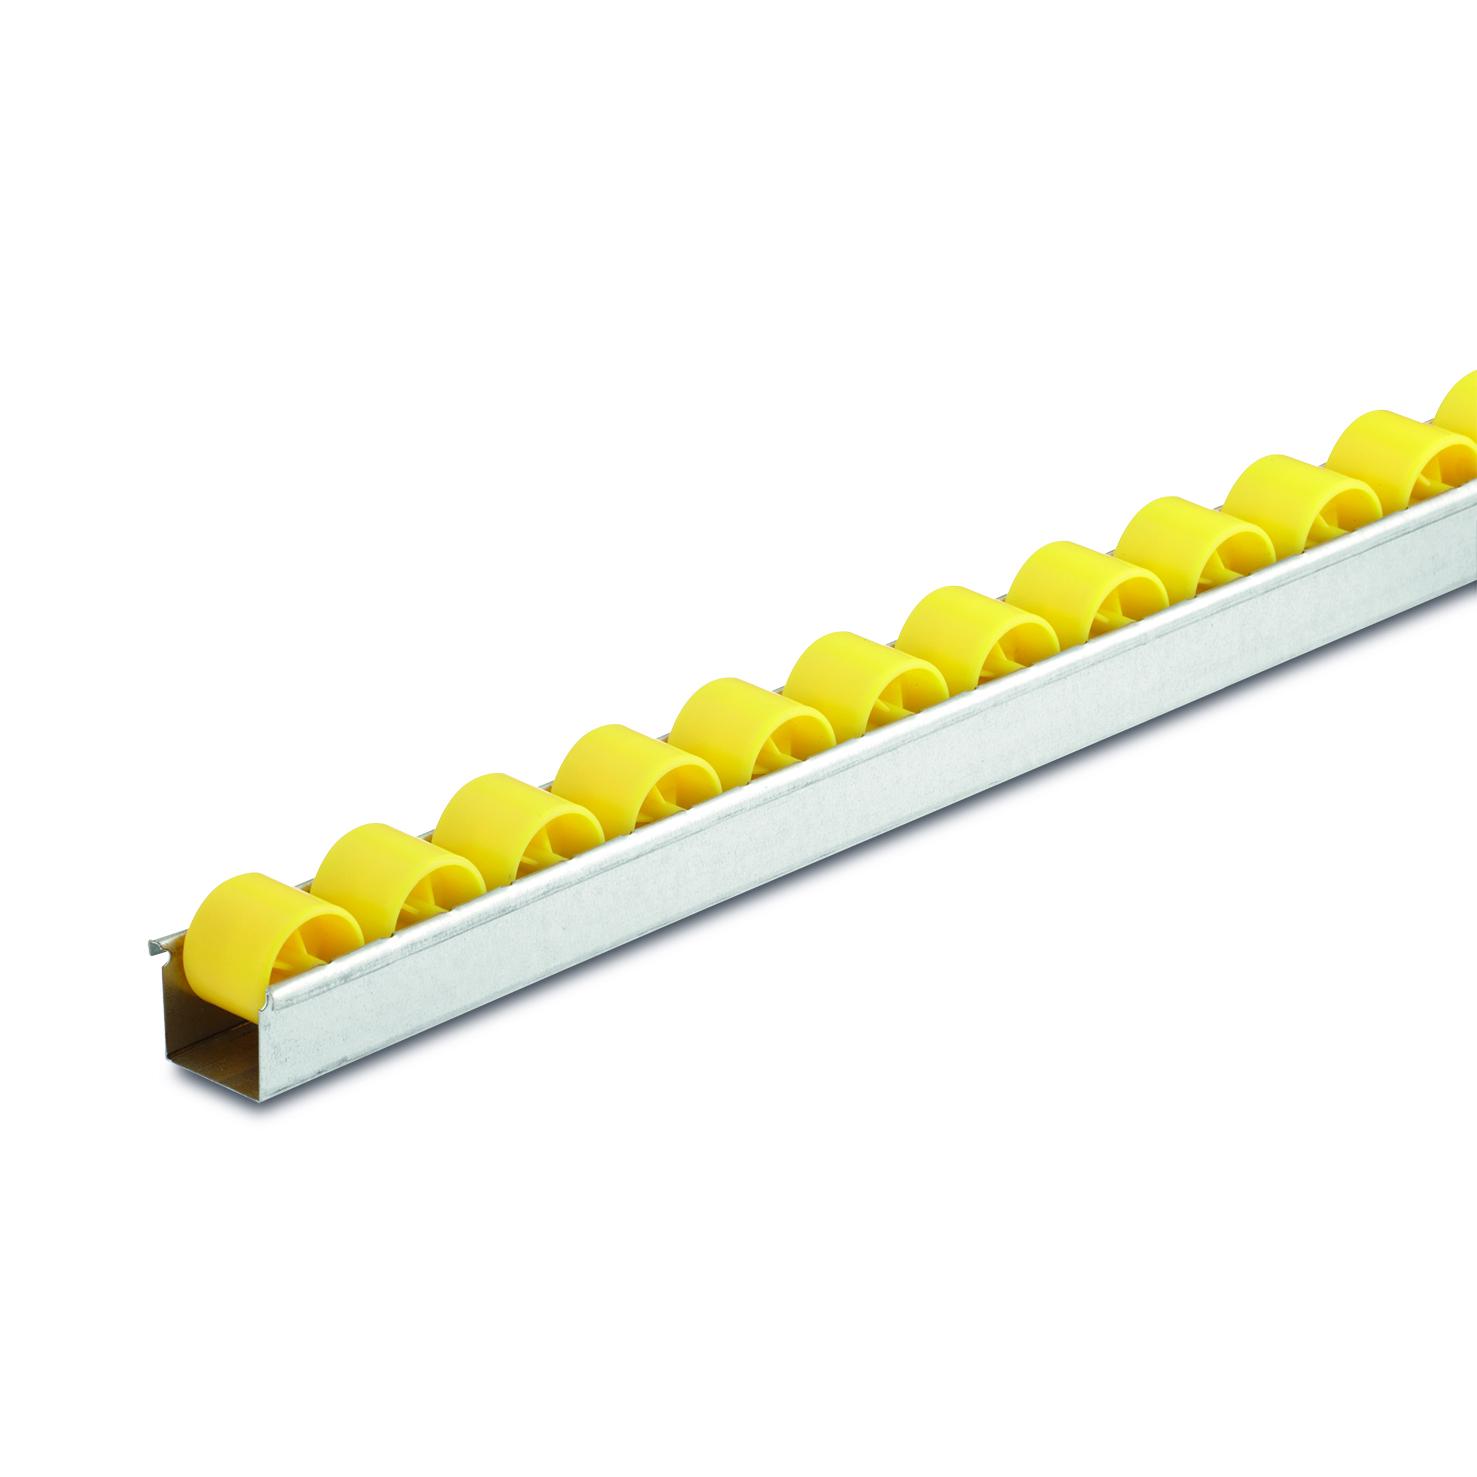 Billed af U-rulleskinner, op til 6 kg pr. rulle, profil 0,8 mm (801-serie)